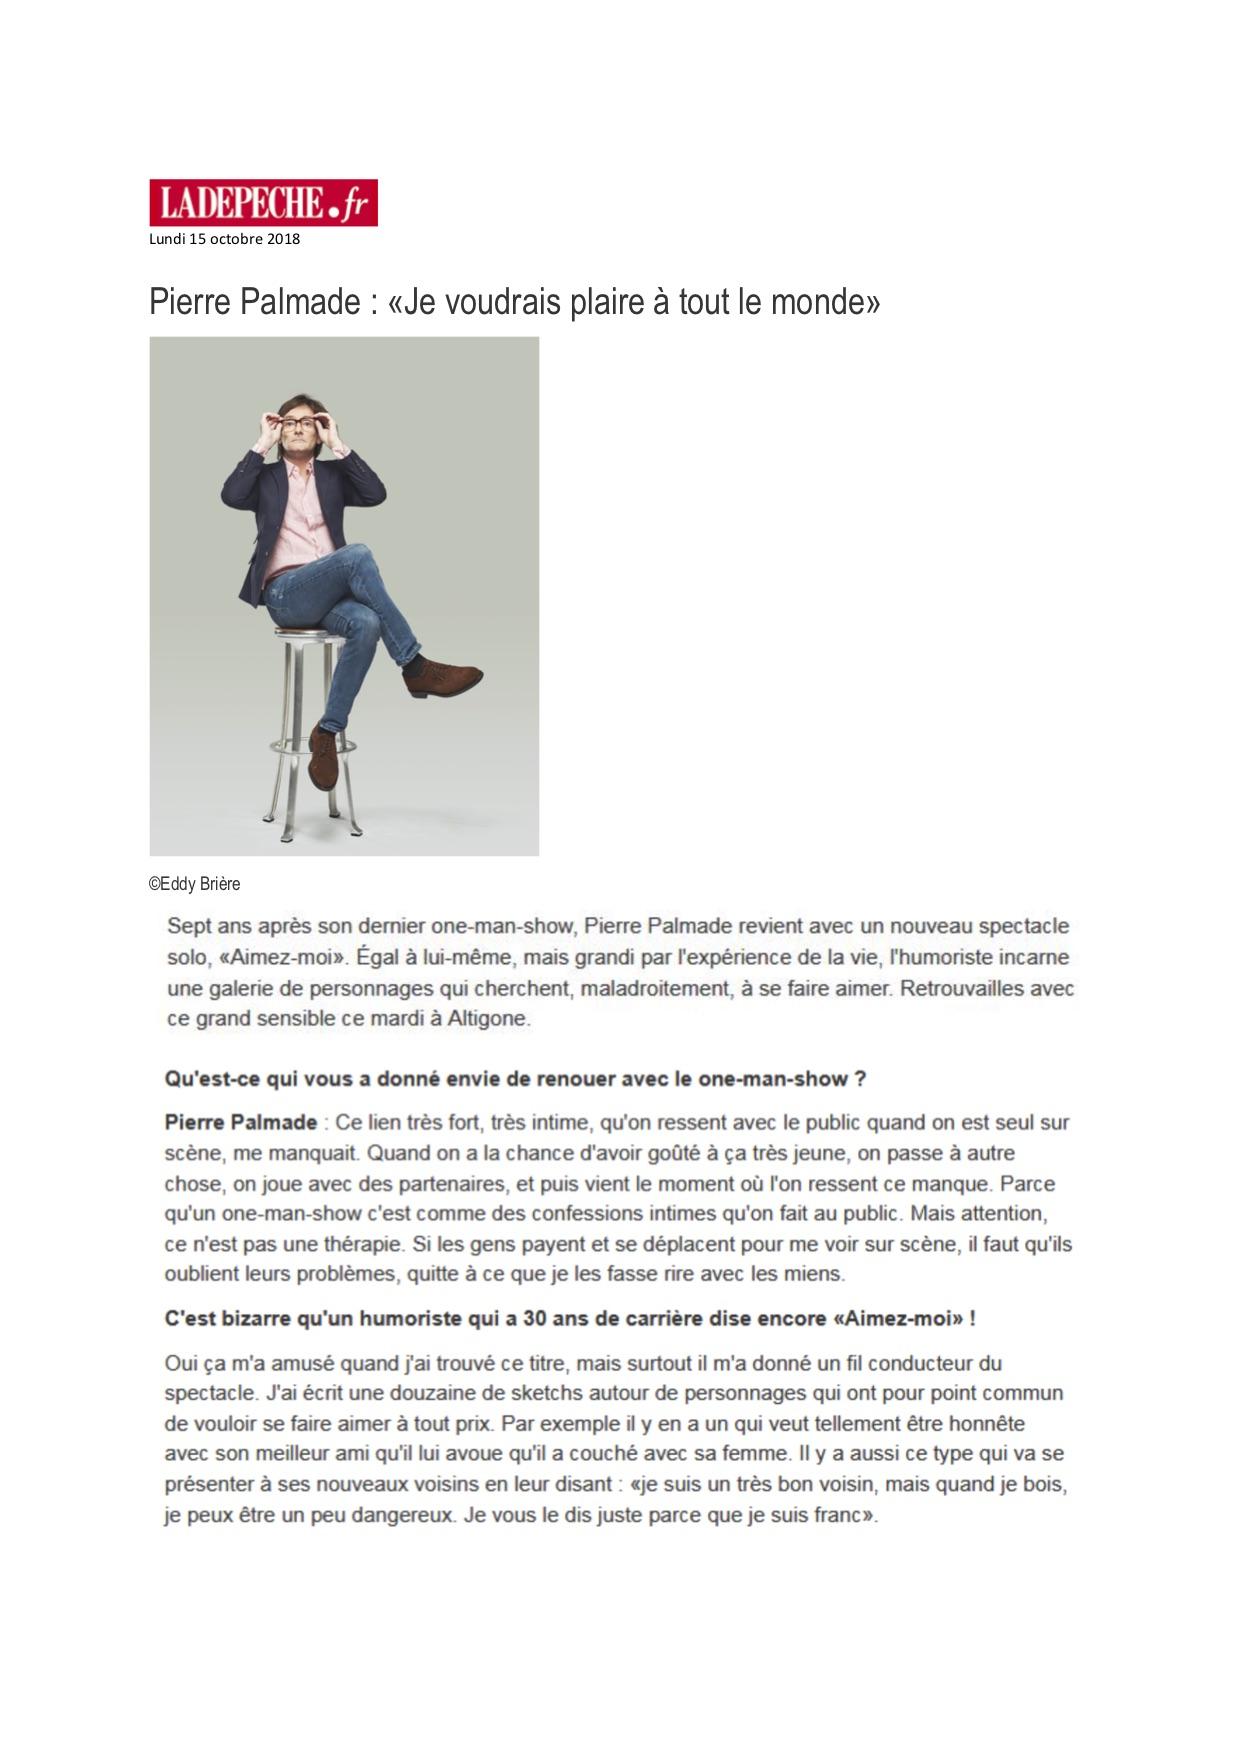 La Dépêche p1 - 15.10.18